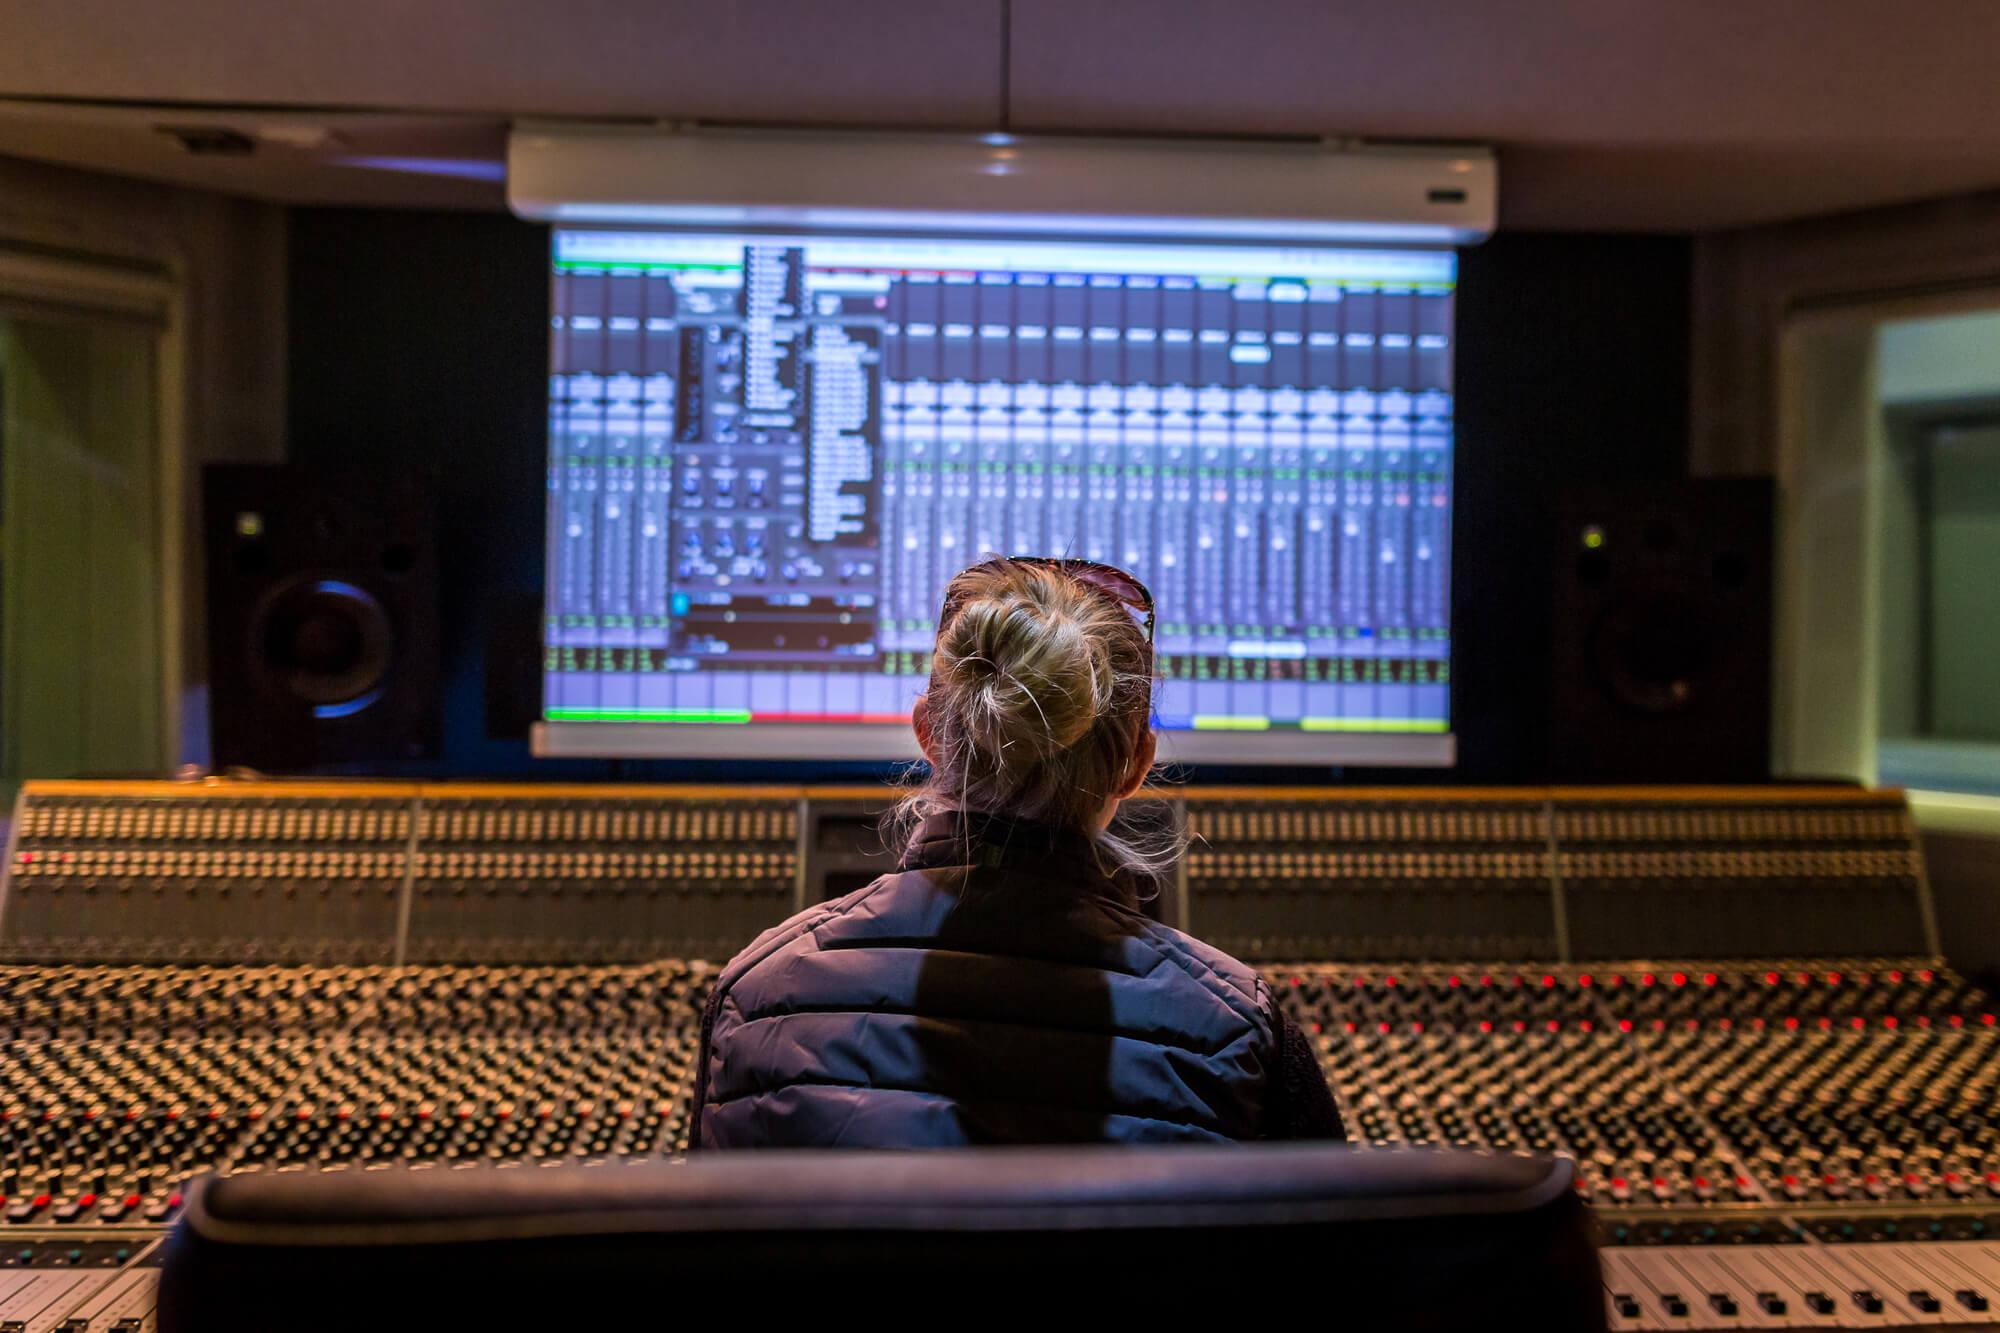 Female student in recording studio